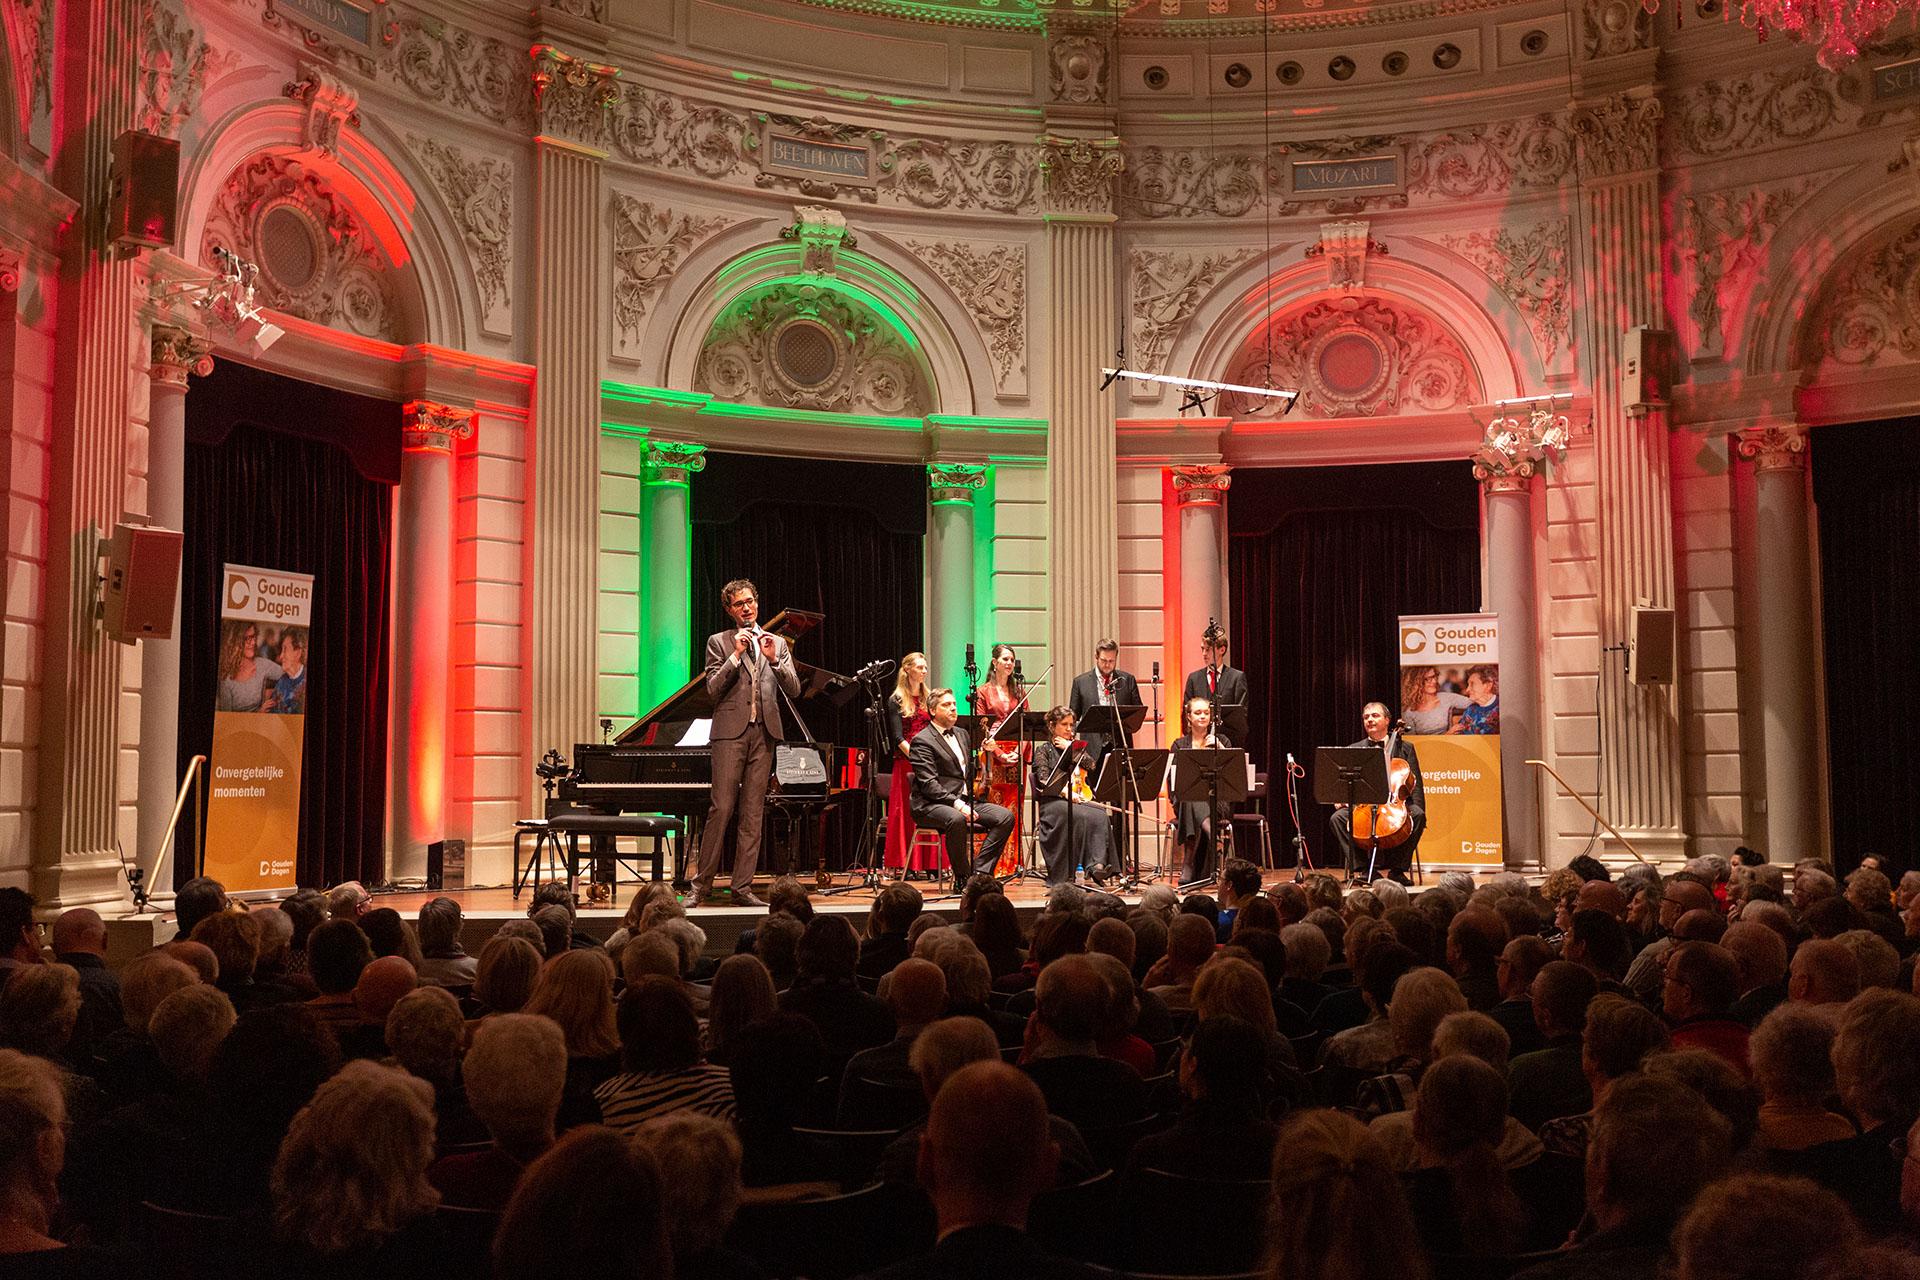 Gouden Kerstconcert met Wouter Harbers smaakt naar meer!